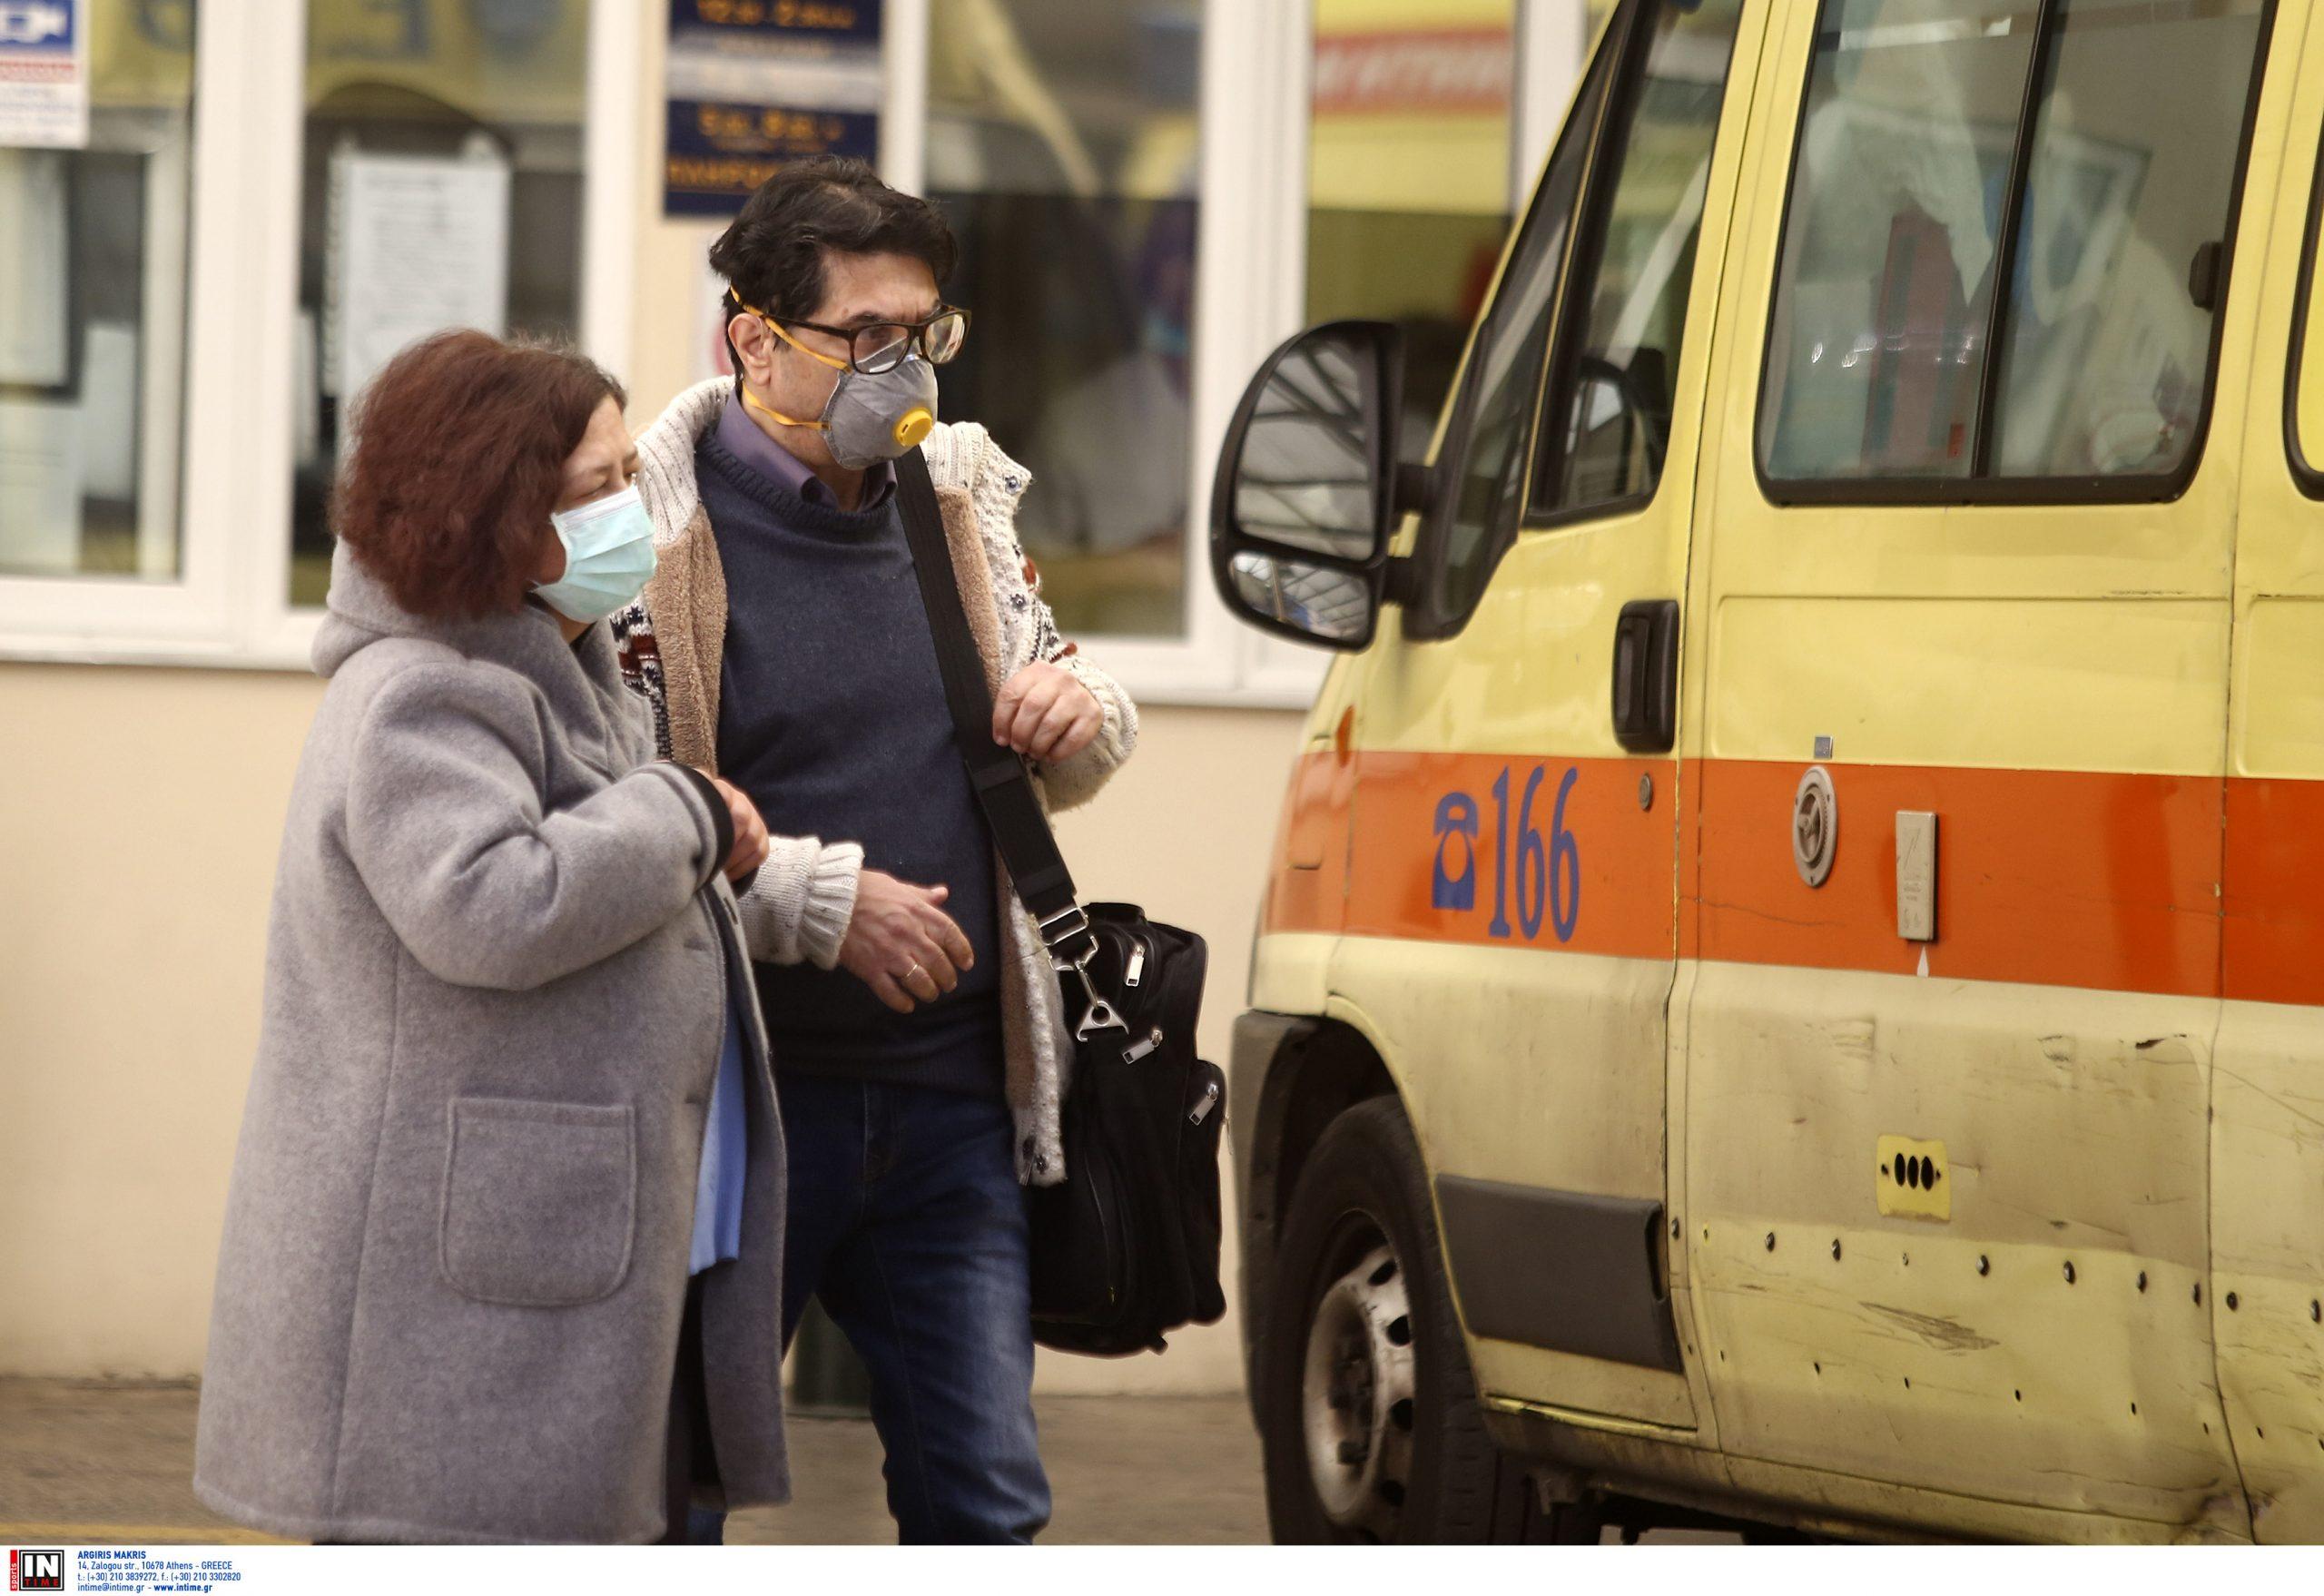 Η ατάκα του καθηγητή που έστειλε αδιάβαστη τη Μαρία Σαράφογλου: «Όποιος θέλει αισιοδοξία παίρνει ναρκωτικά»